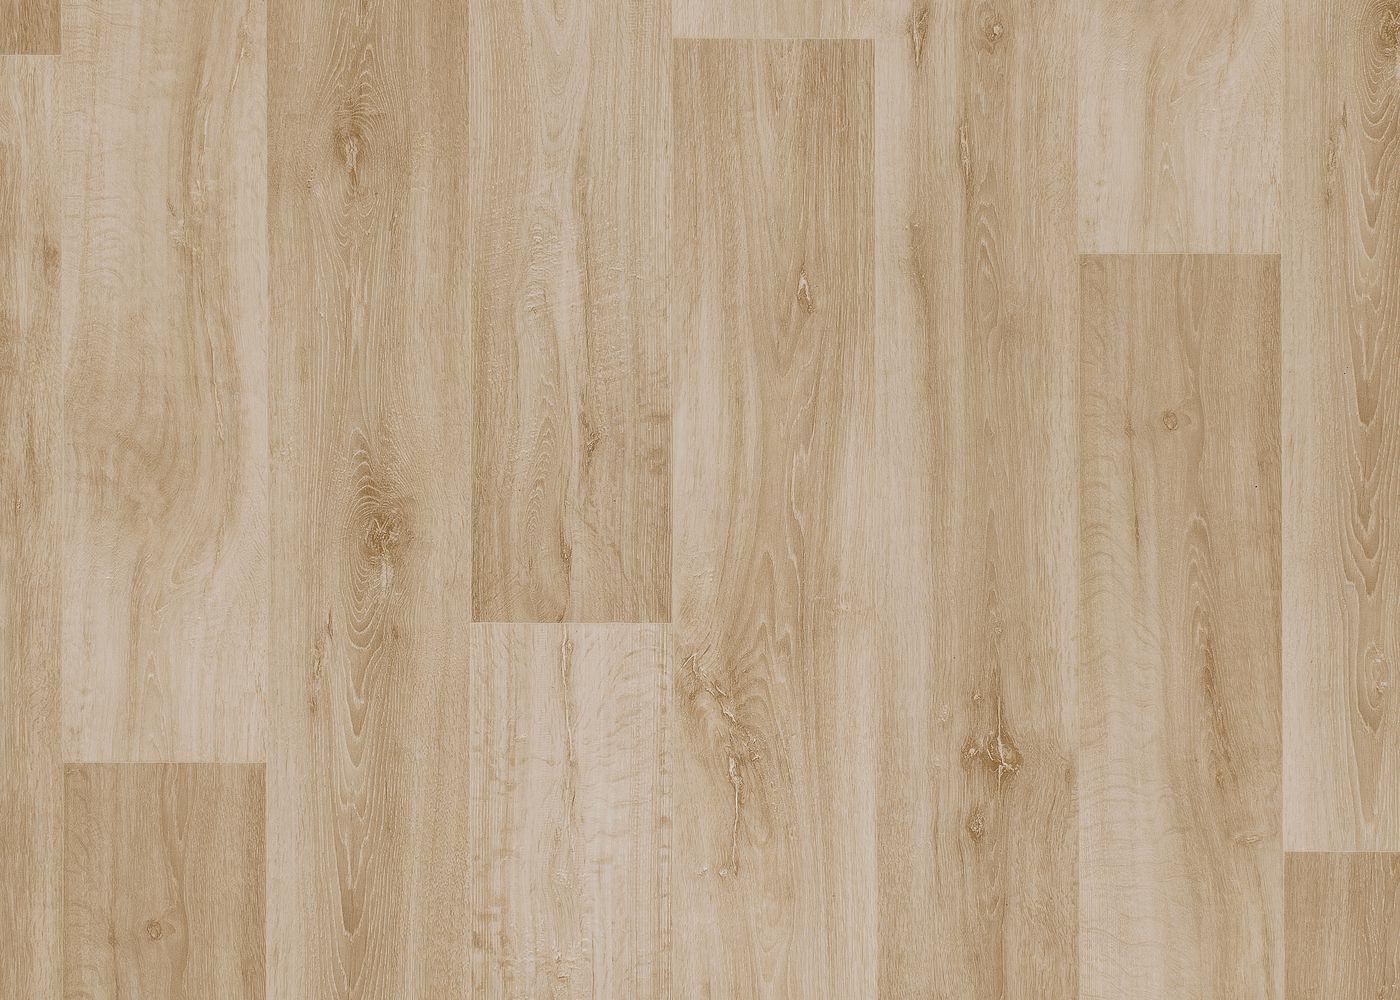 Lames vinyles passage residentiel clipsable 40 monolame g4 décor Chêne lime 963m - couche d'usure 0,4mm Passage résidentiel